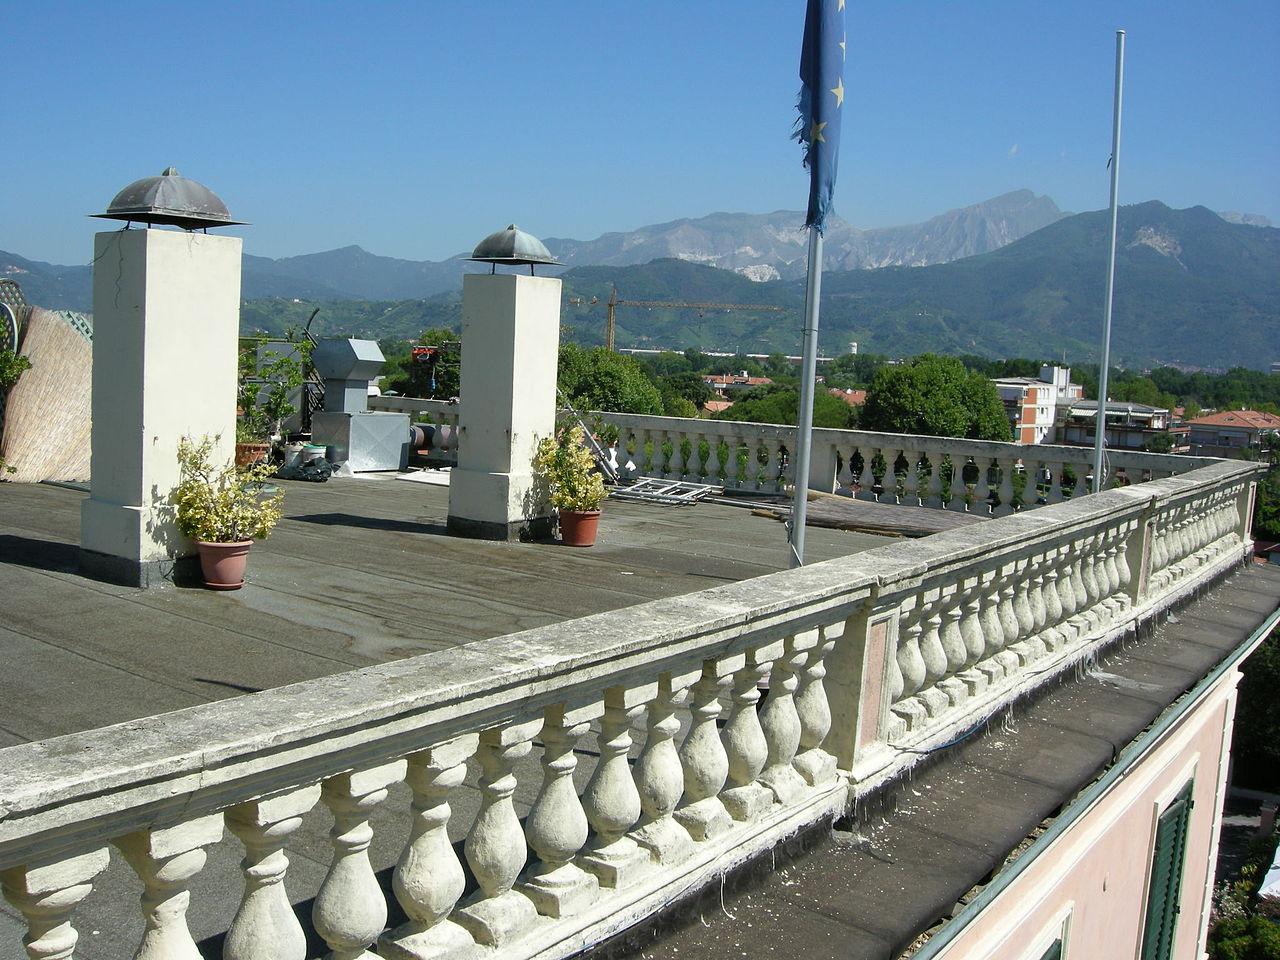 File:Hotel italia, marina di massa, terrazza tetto.JPG - Wikimedia ...